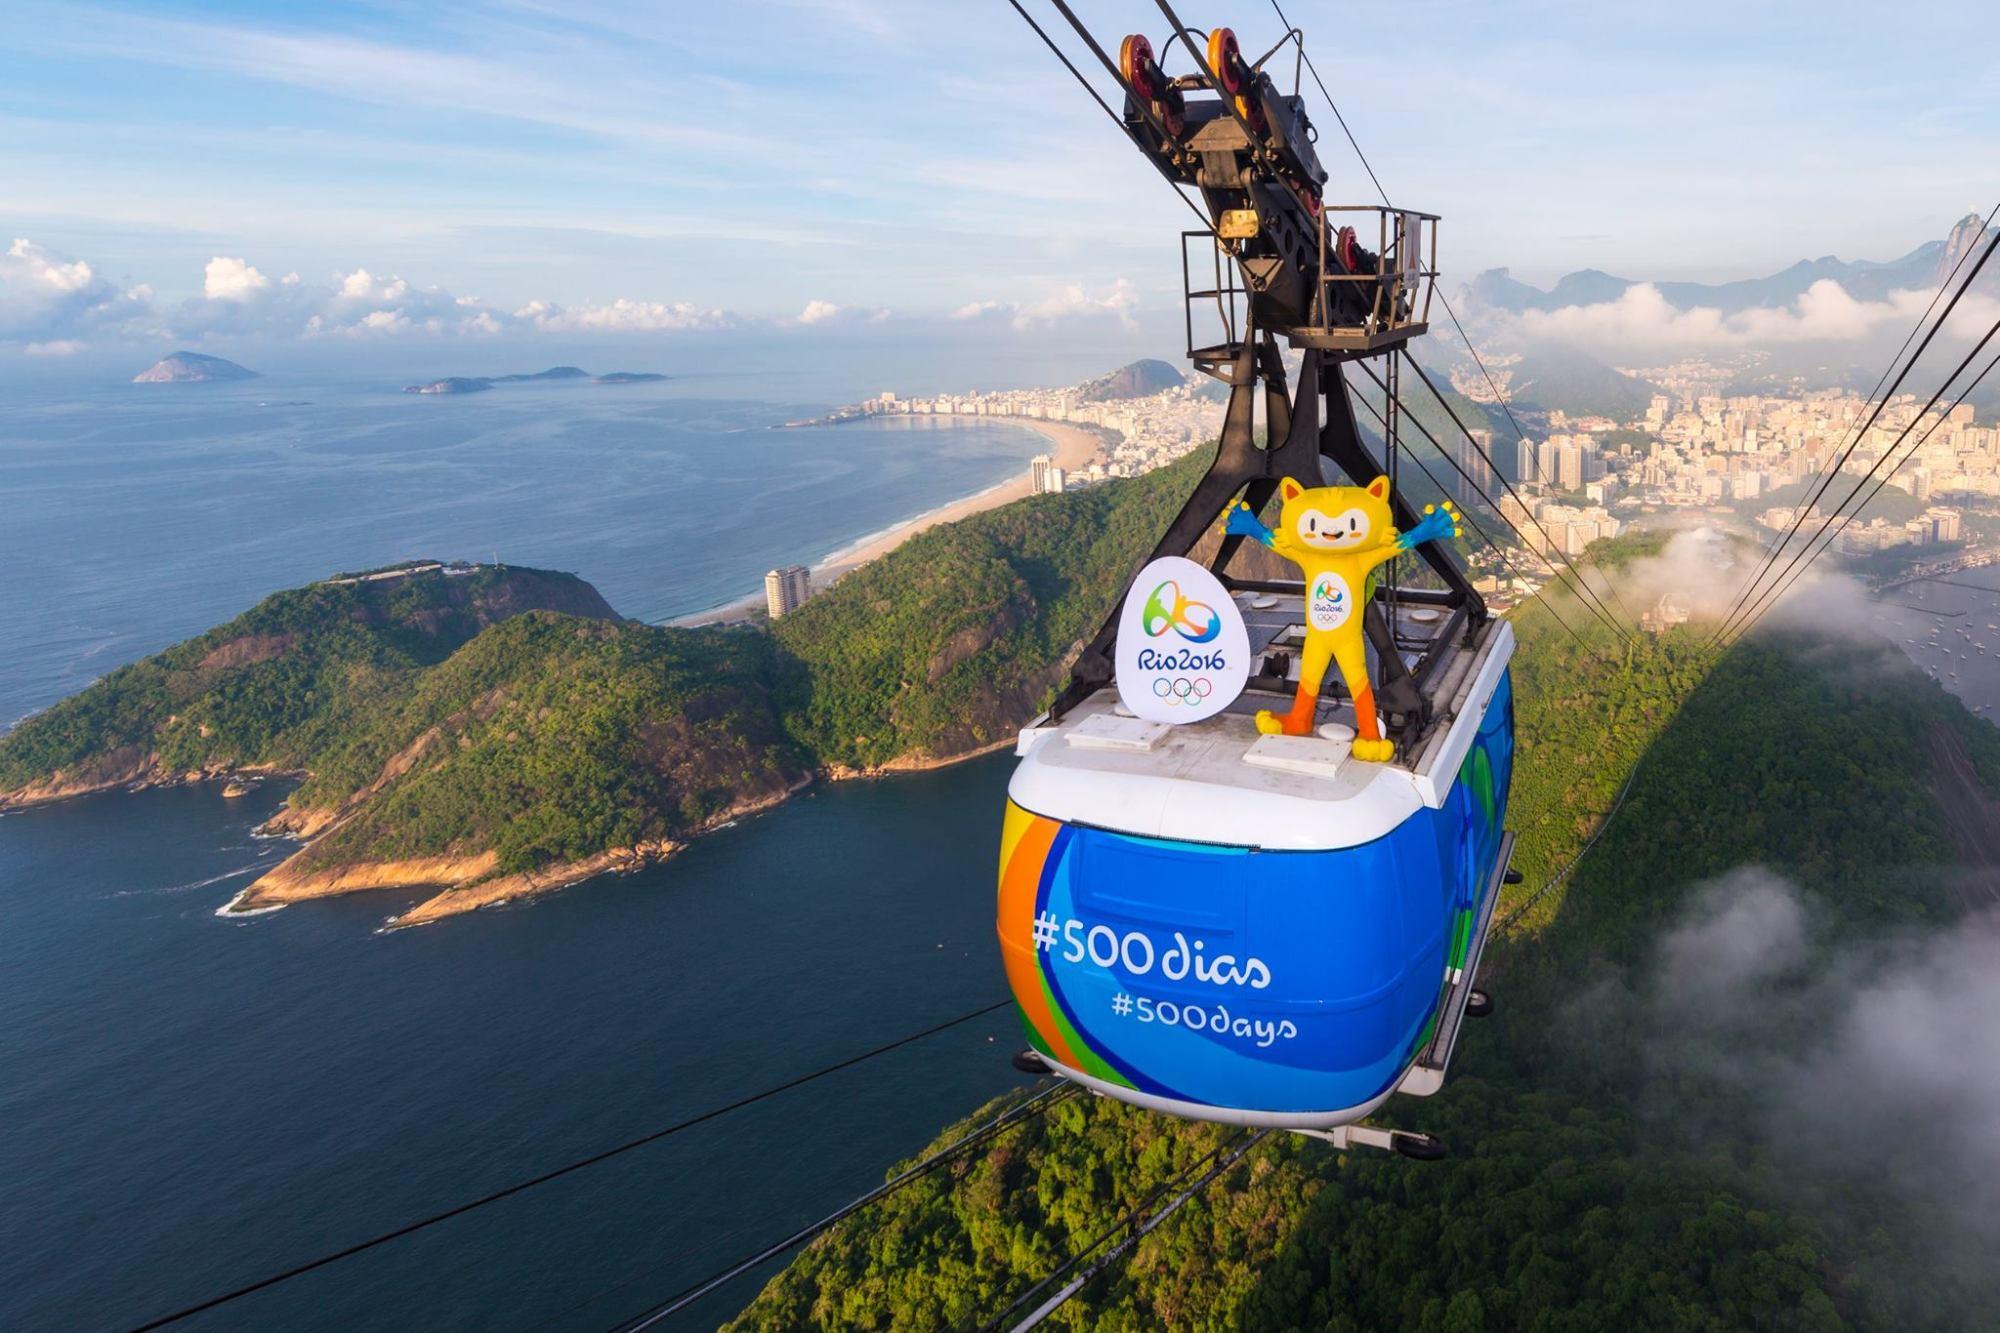 Rio2016 Mascots